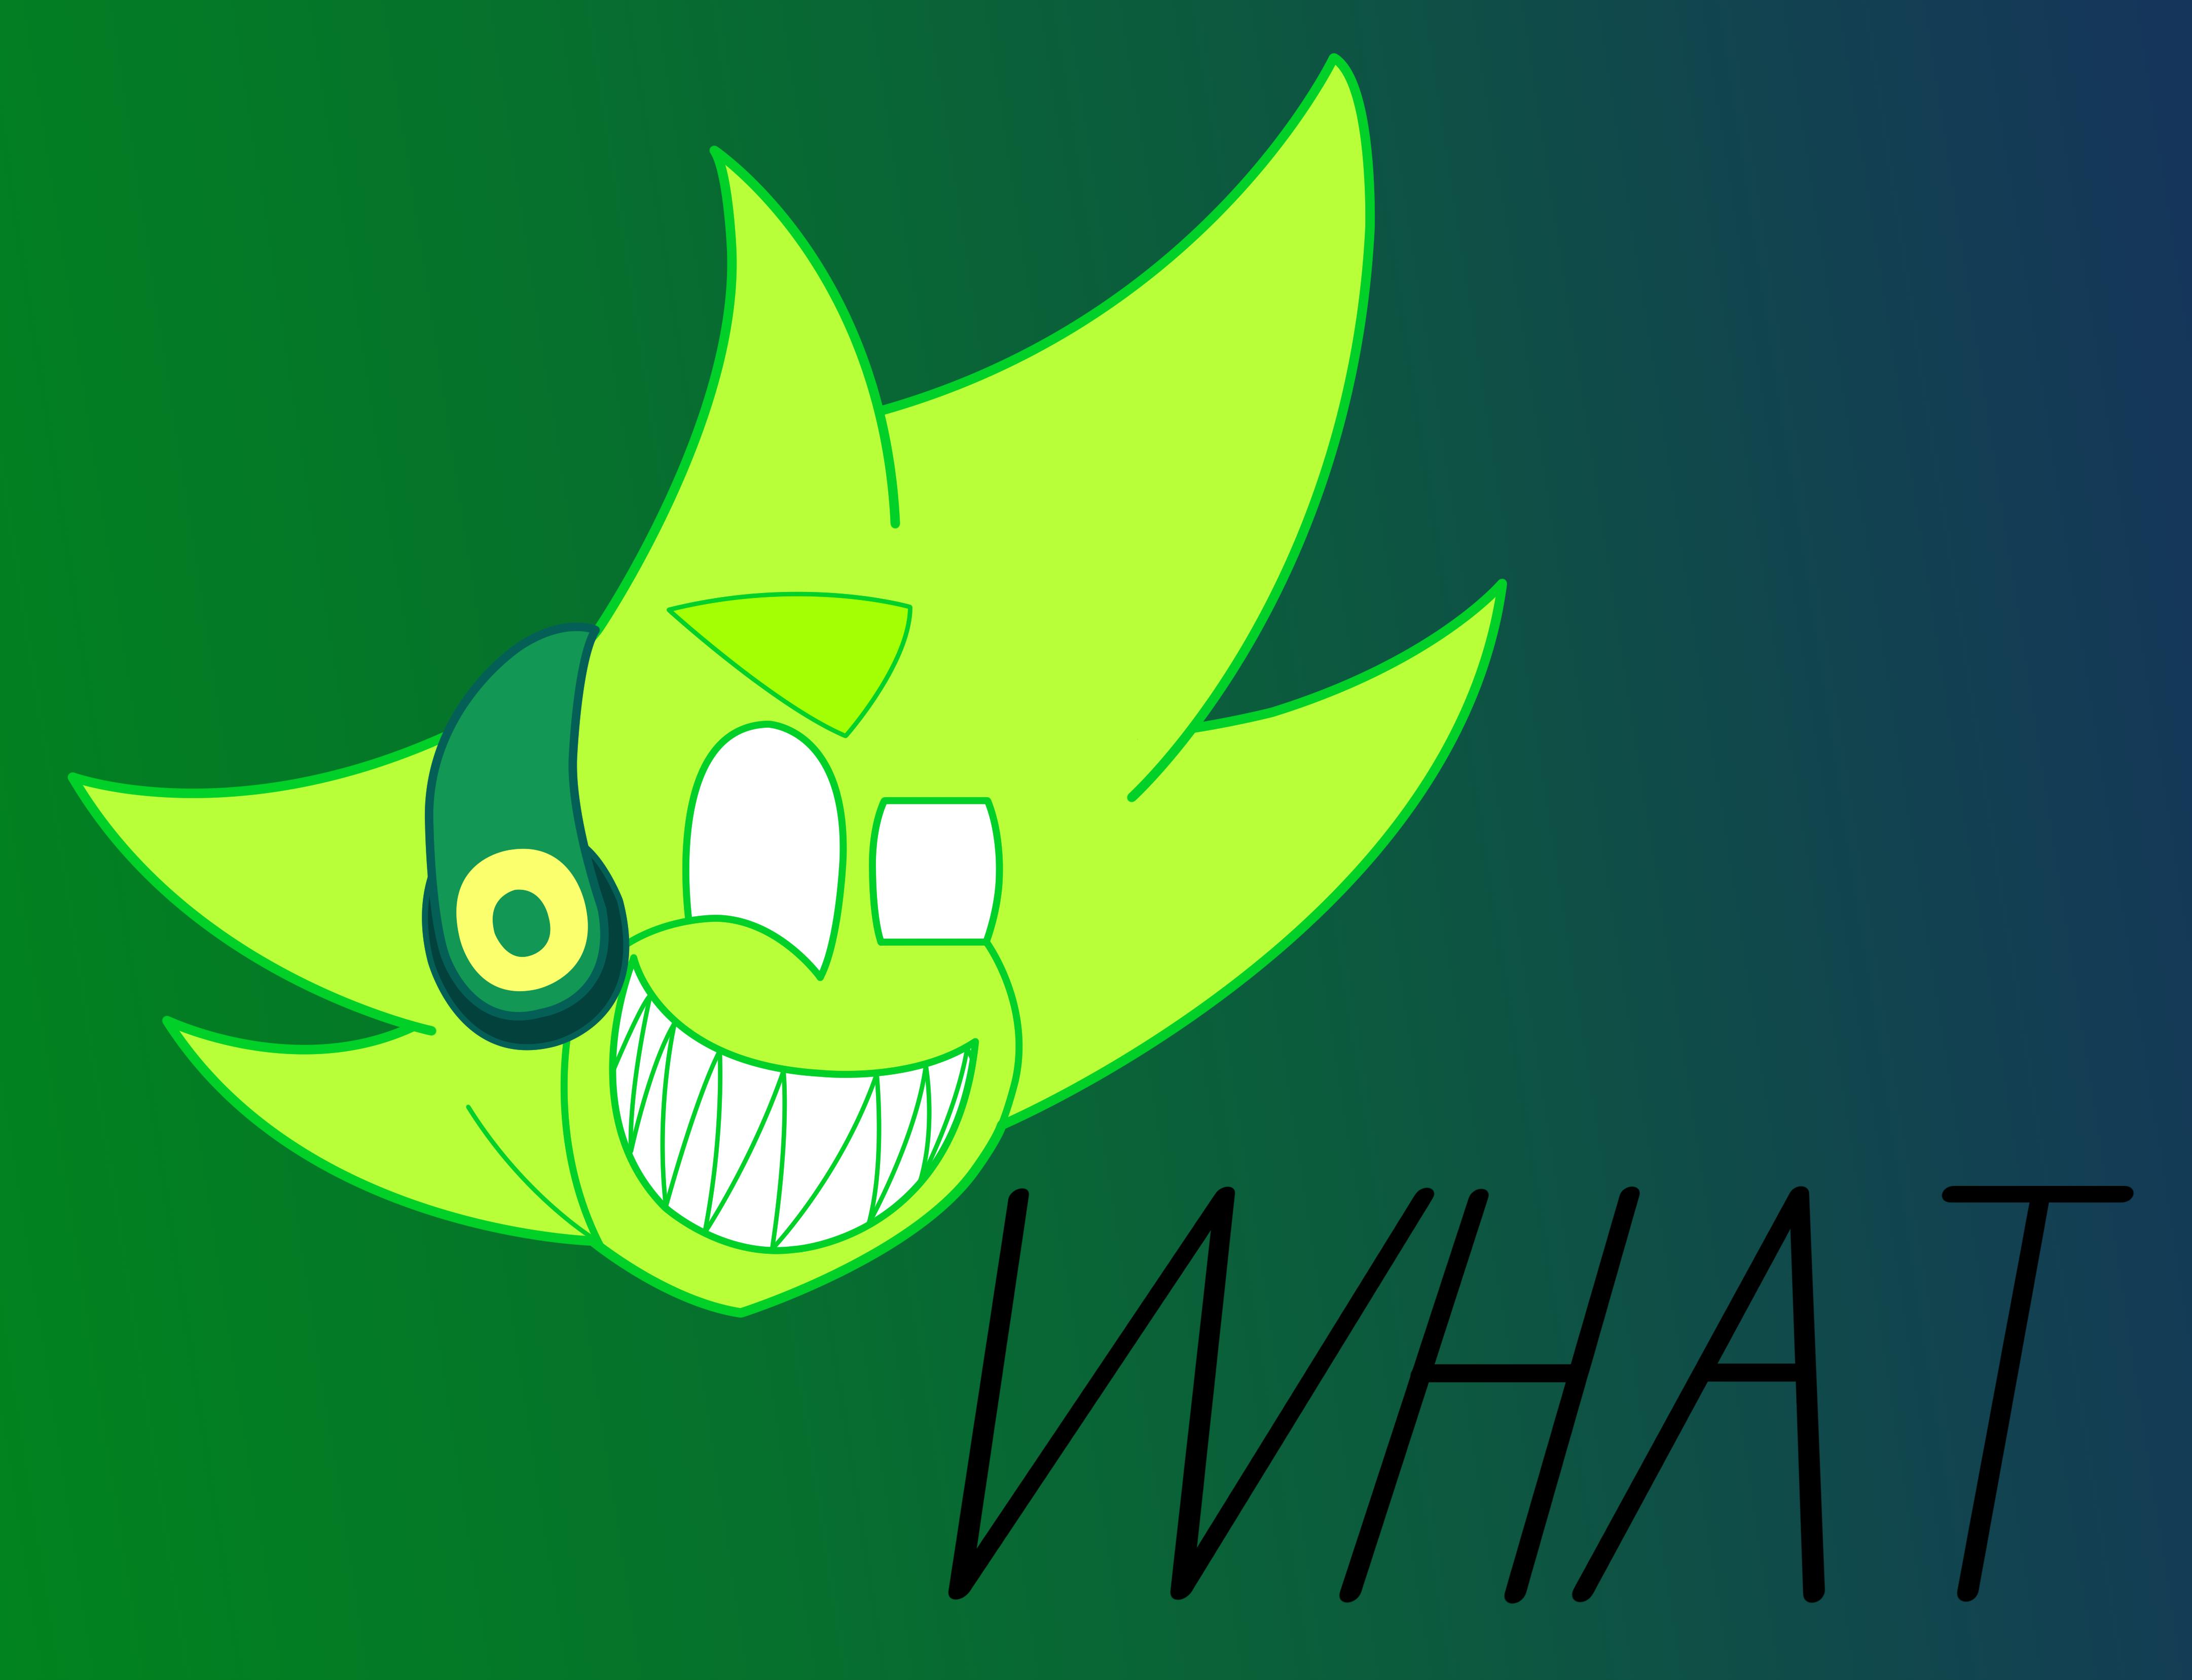 Neon is Not Happy